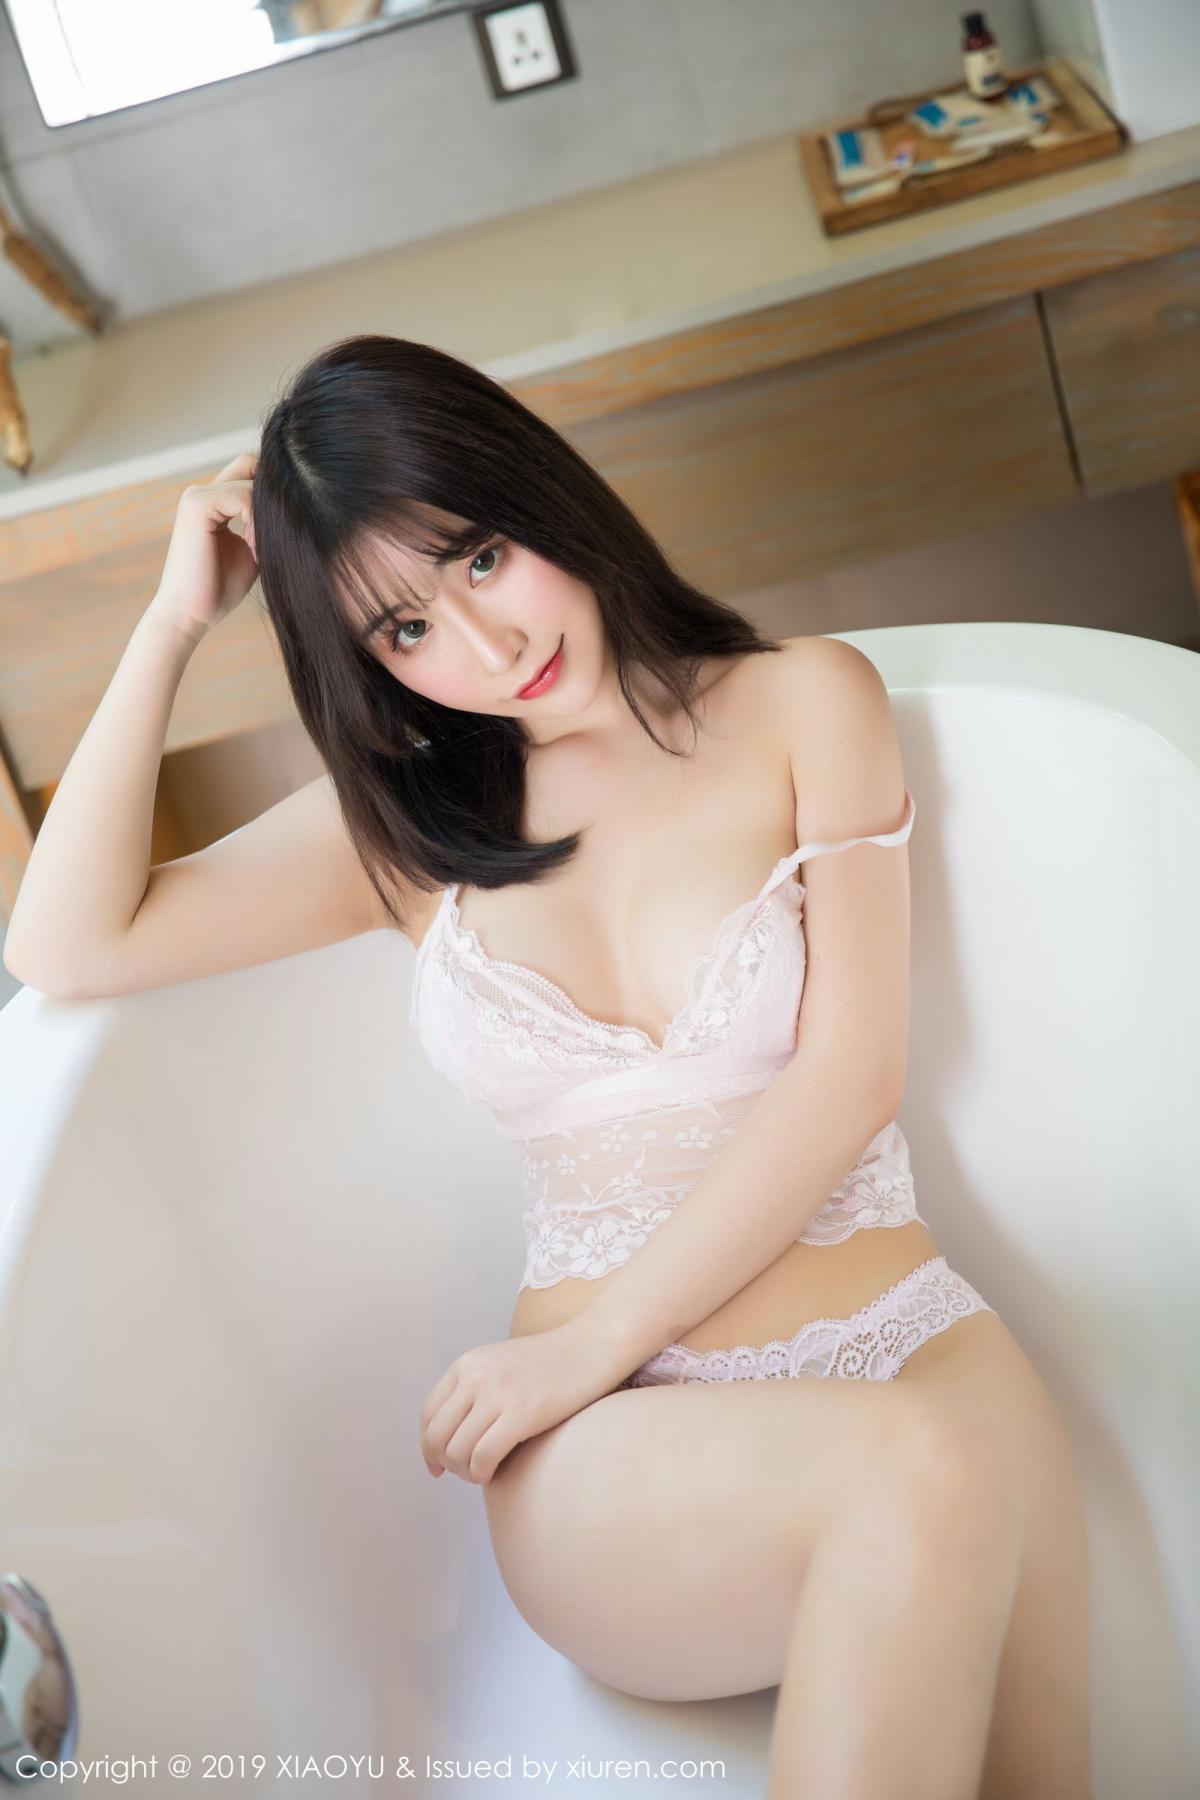 [XiaoYu] Vol.147 Xie Zhi Xin 41P, Bathroom, Big Booty, Wet, XiaoYu, Xie Zhi Xin